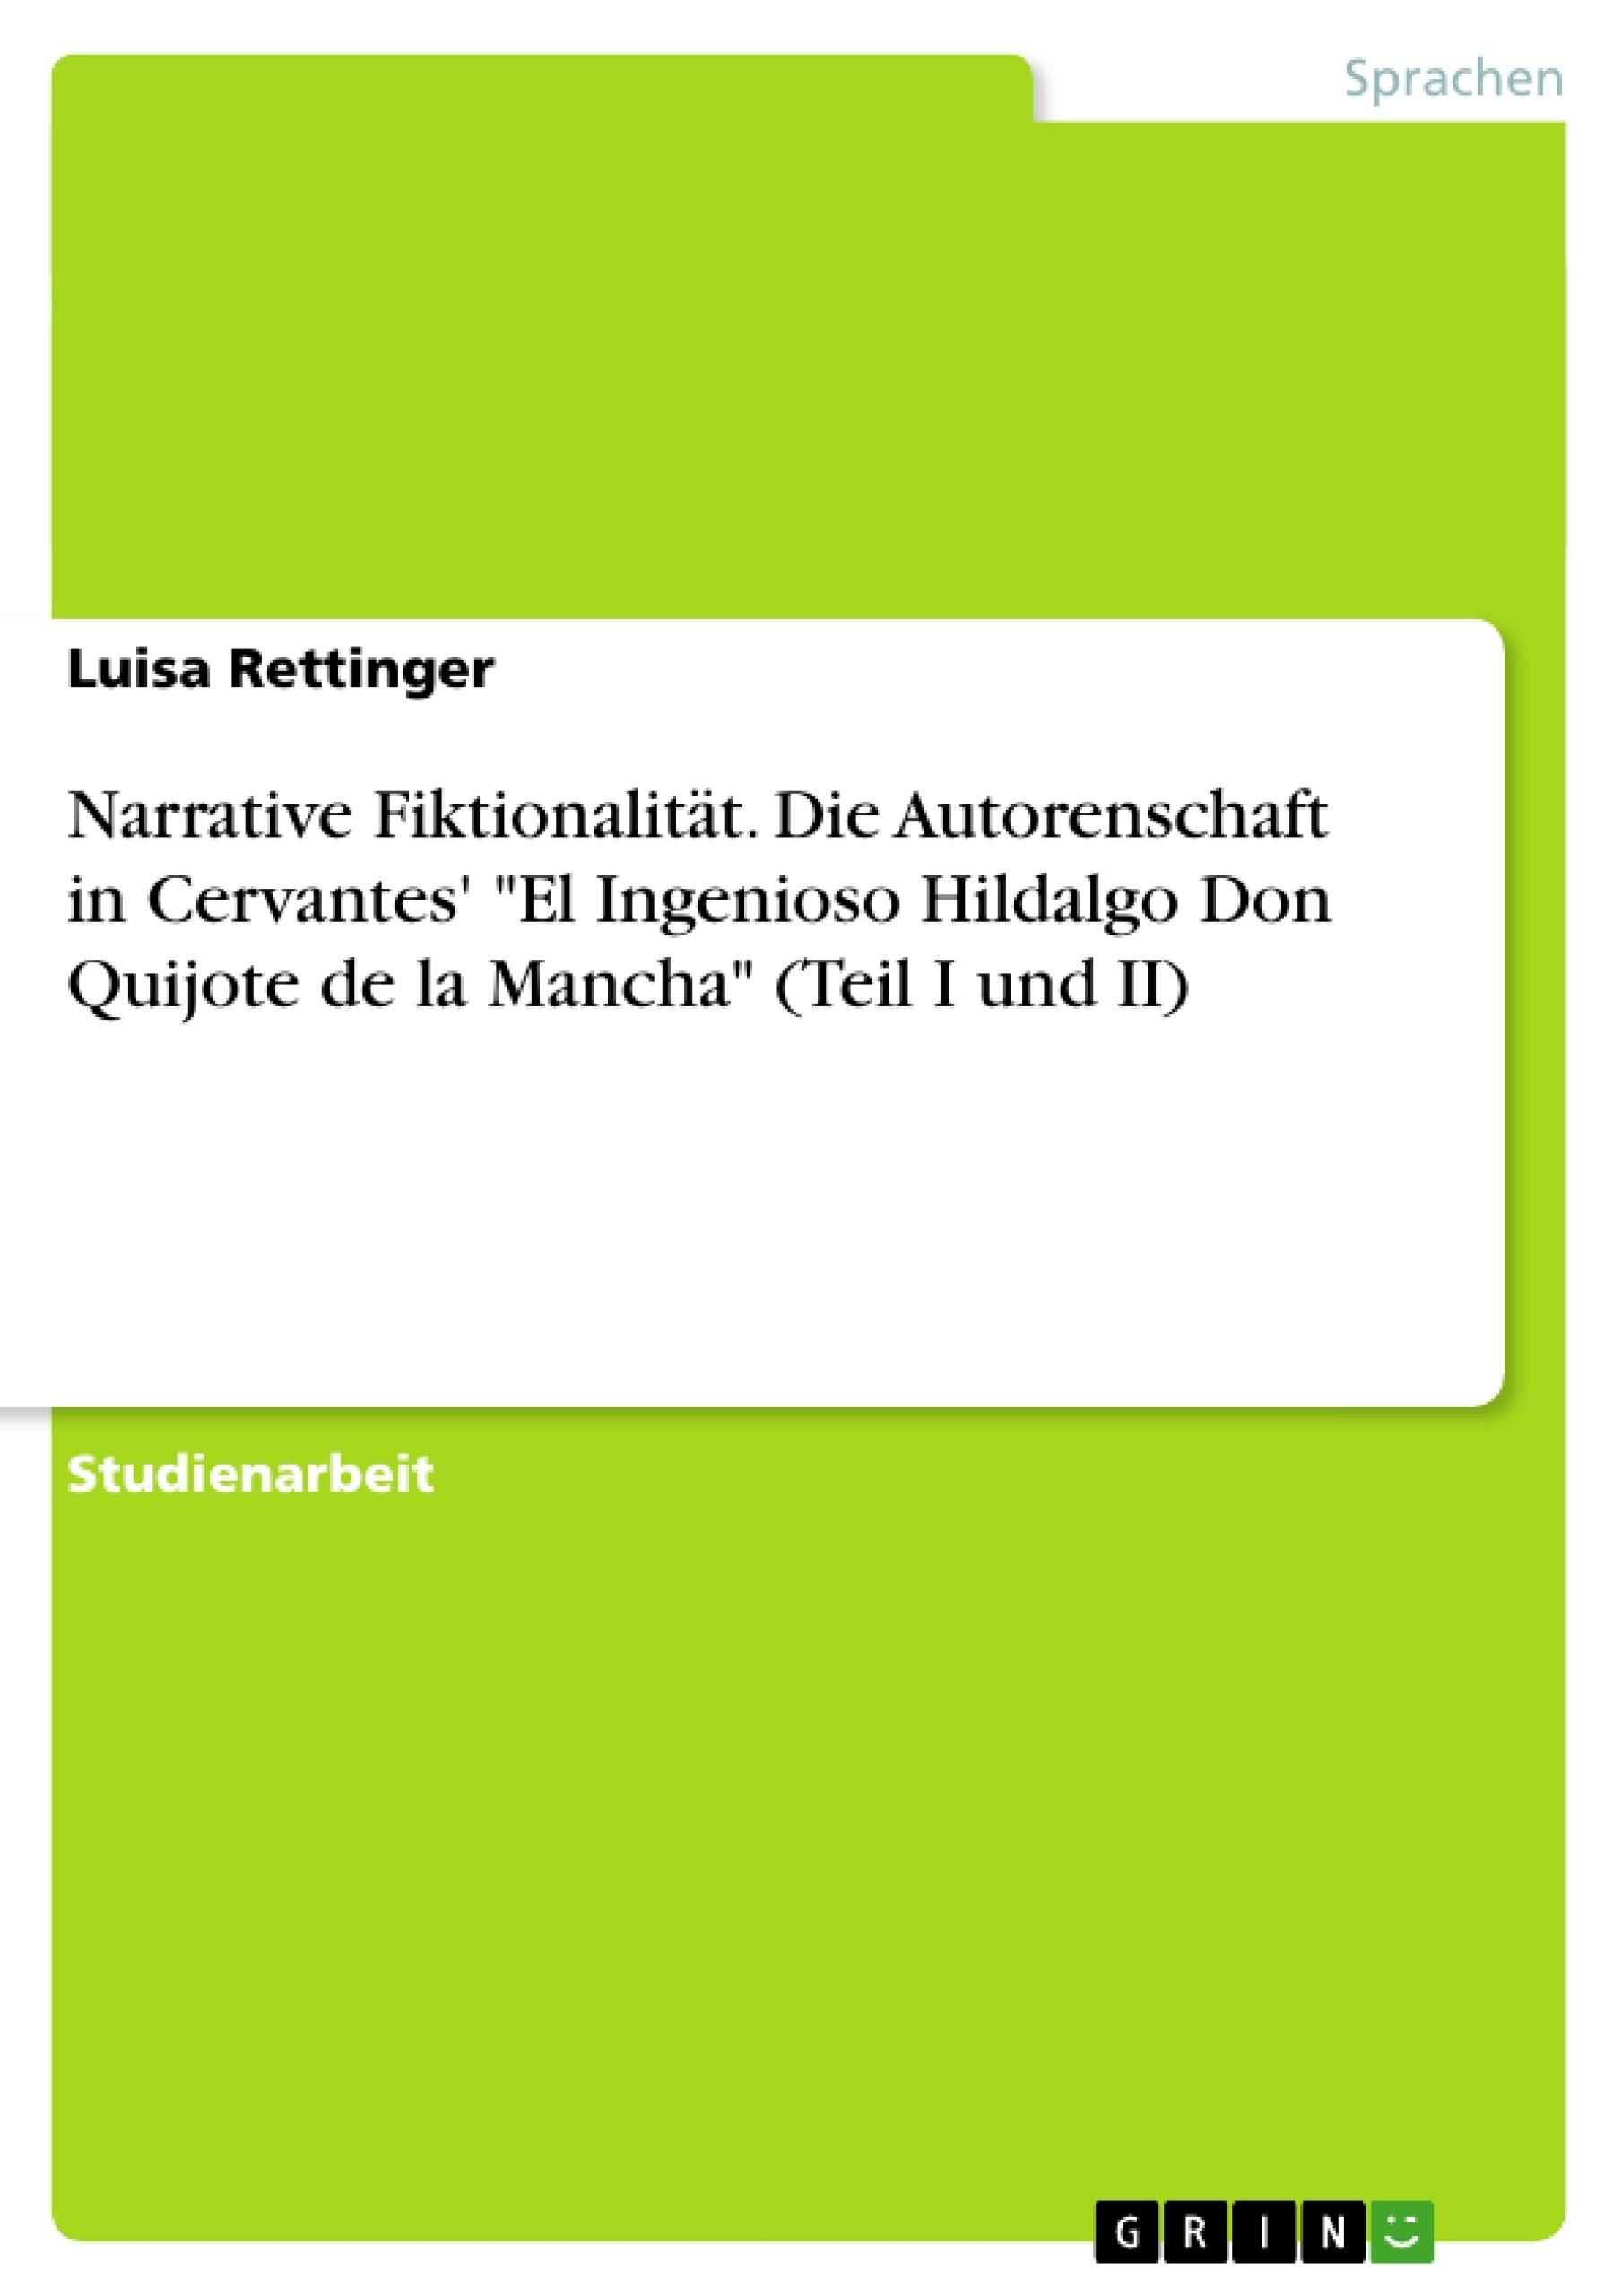 """Titel: Narrative Fiktionalität. Die Autorenschaft in Cervantes' """"El Ingenioso Hildalgo Don Quijote de la Mancha"""" (Teil I und II)"""